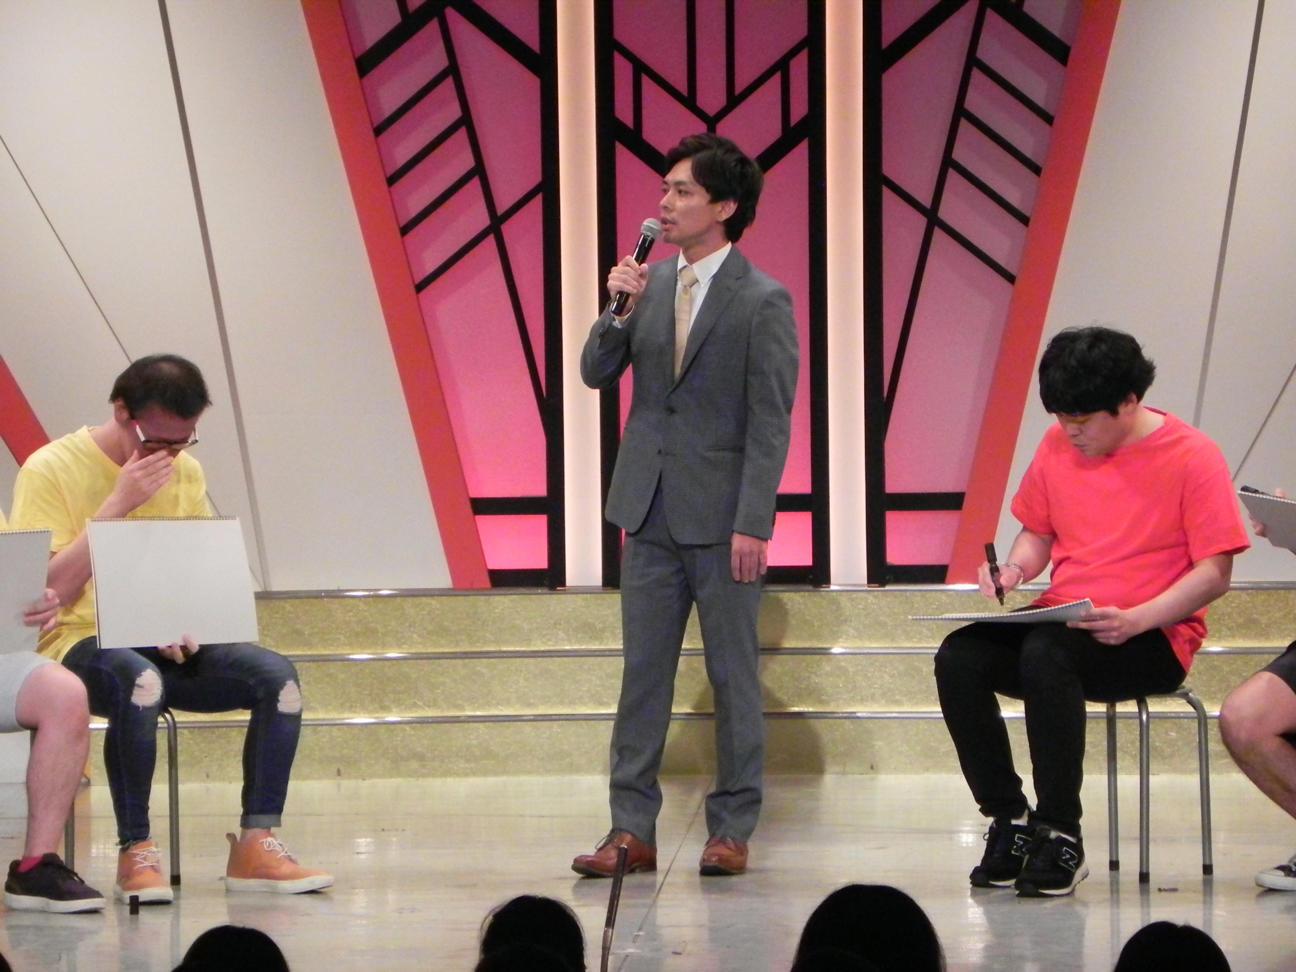 http://news.yoshimoto.co.jp/20170727184800-44049c81cd8e7ca9081b9f05ad3d5c3846b826cf.jpg